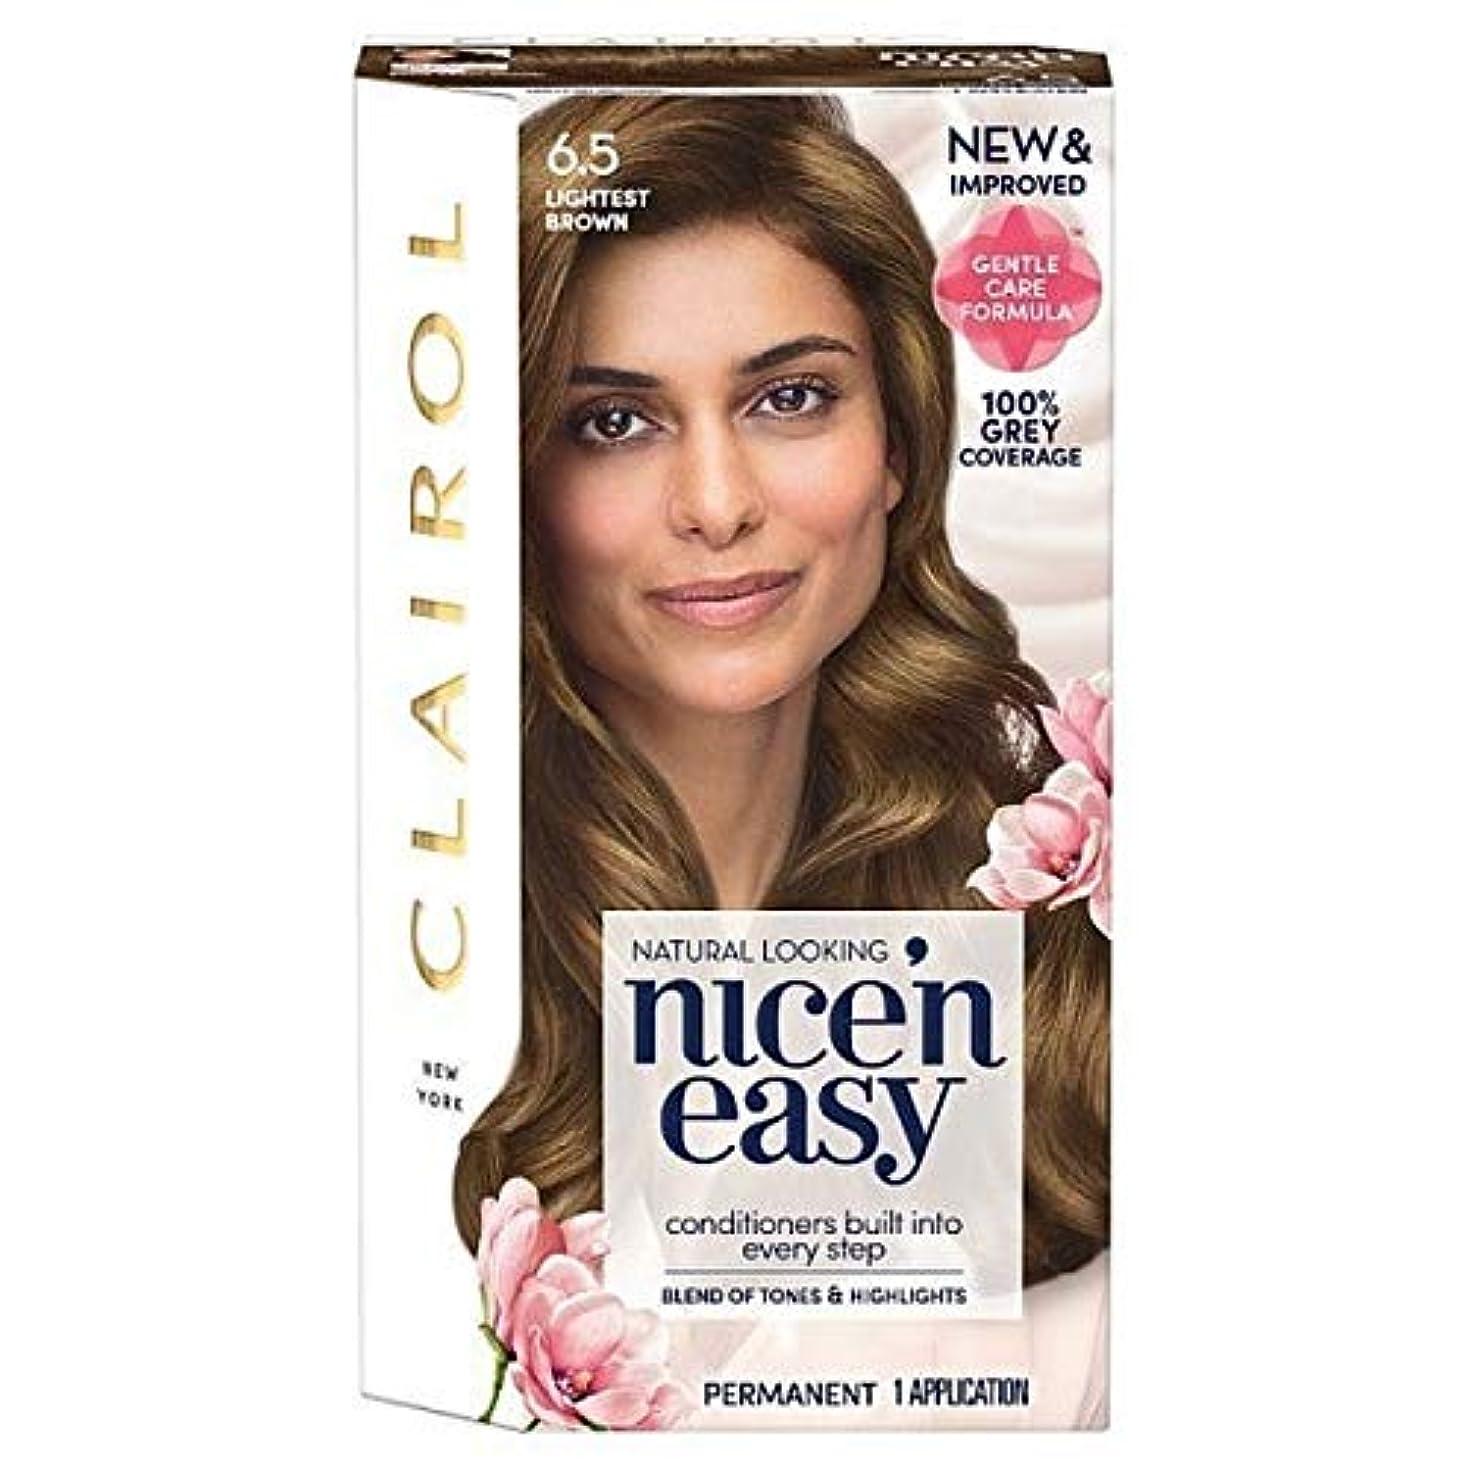 浮く鯨大宇宙[Nice'n Easy] Nice'N簡単6.5軽い茶色 - Nice'n Easy 6.5 Lightest Brown [並行輸入品]